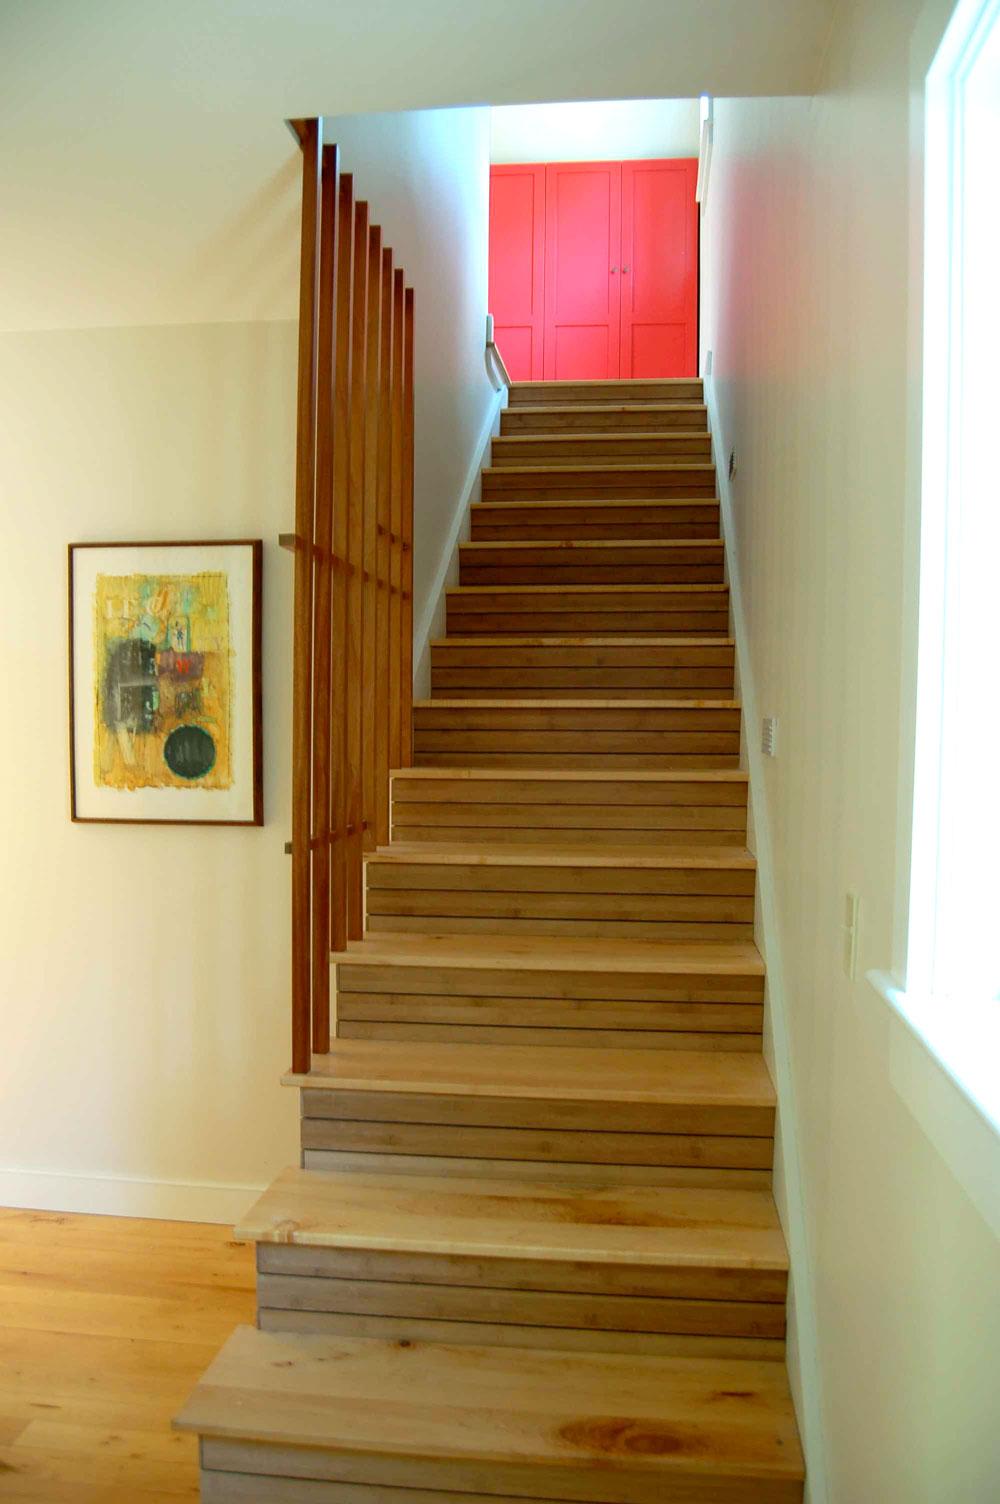 Brixham_stair1C.jpg